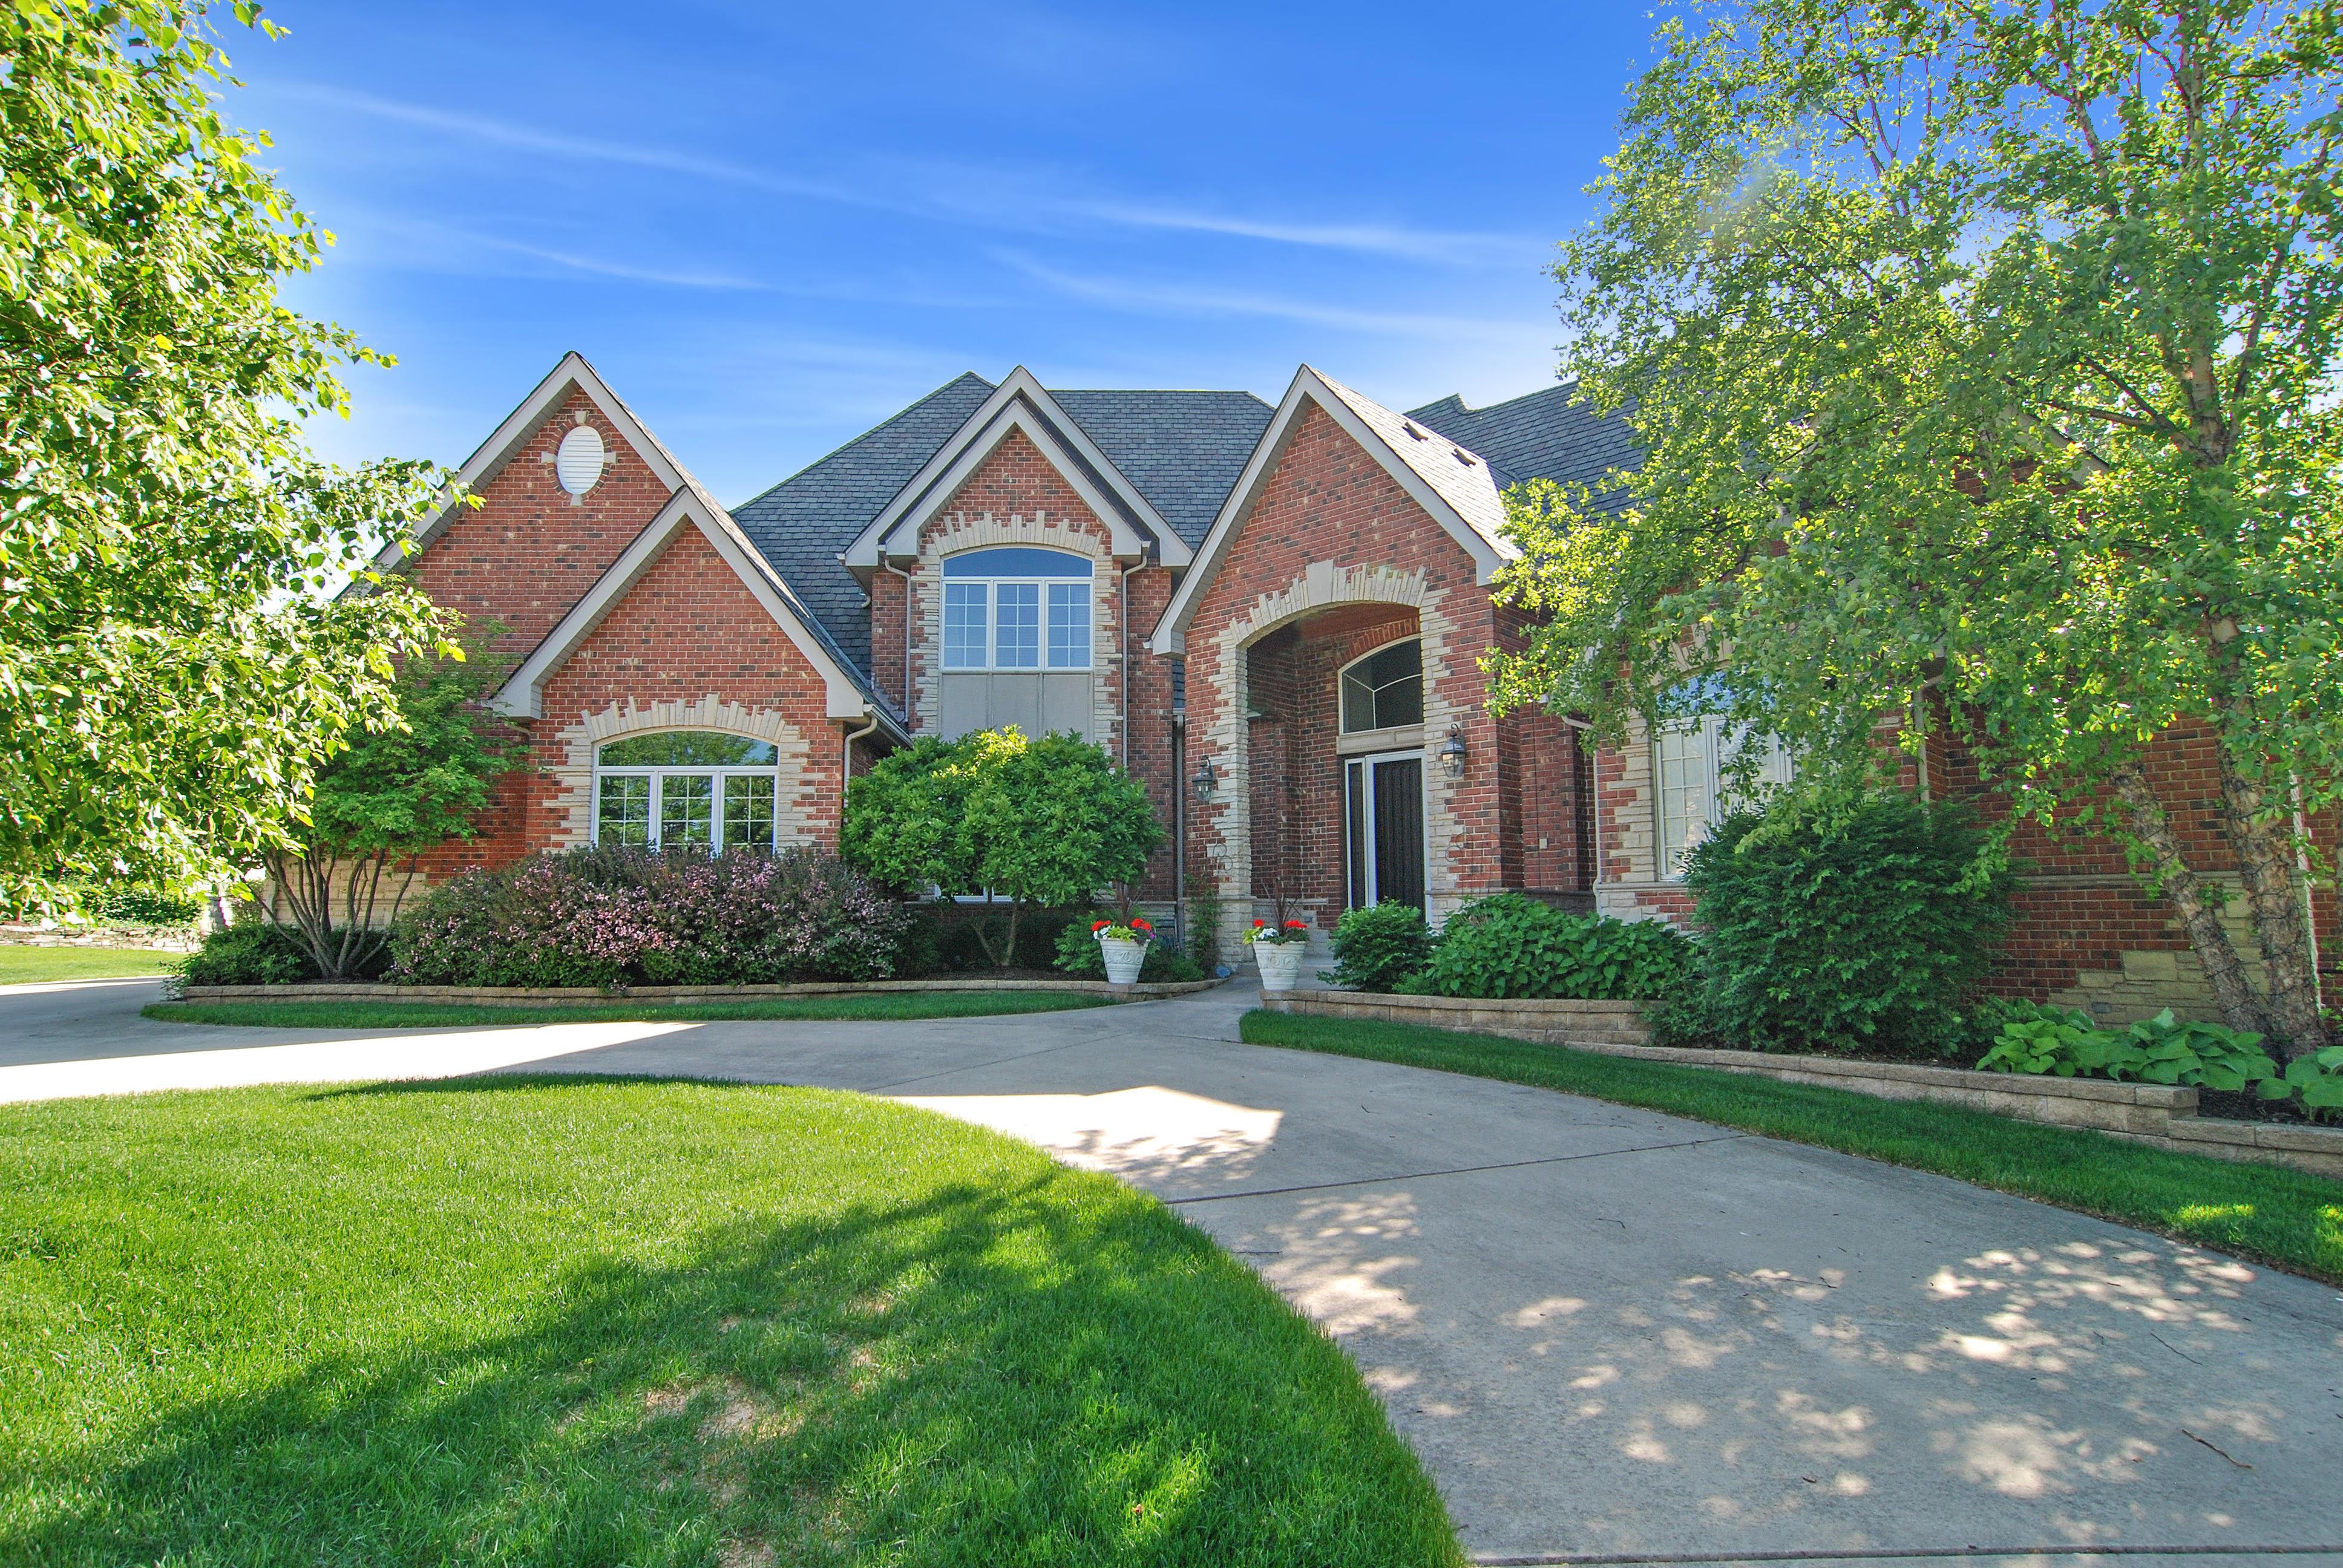 独户住宅 为 销售 在 8070 Greenbriar 毛刺岭, 伊利诺斯州, 60527 美国